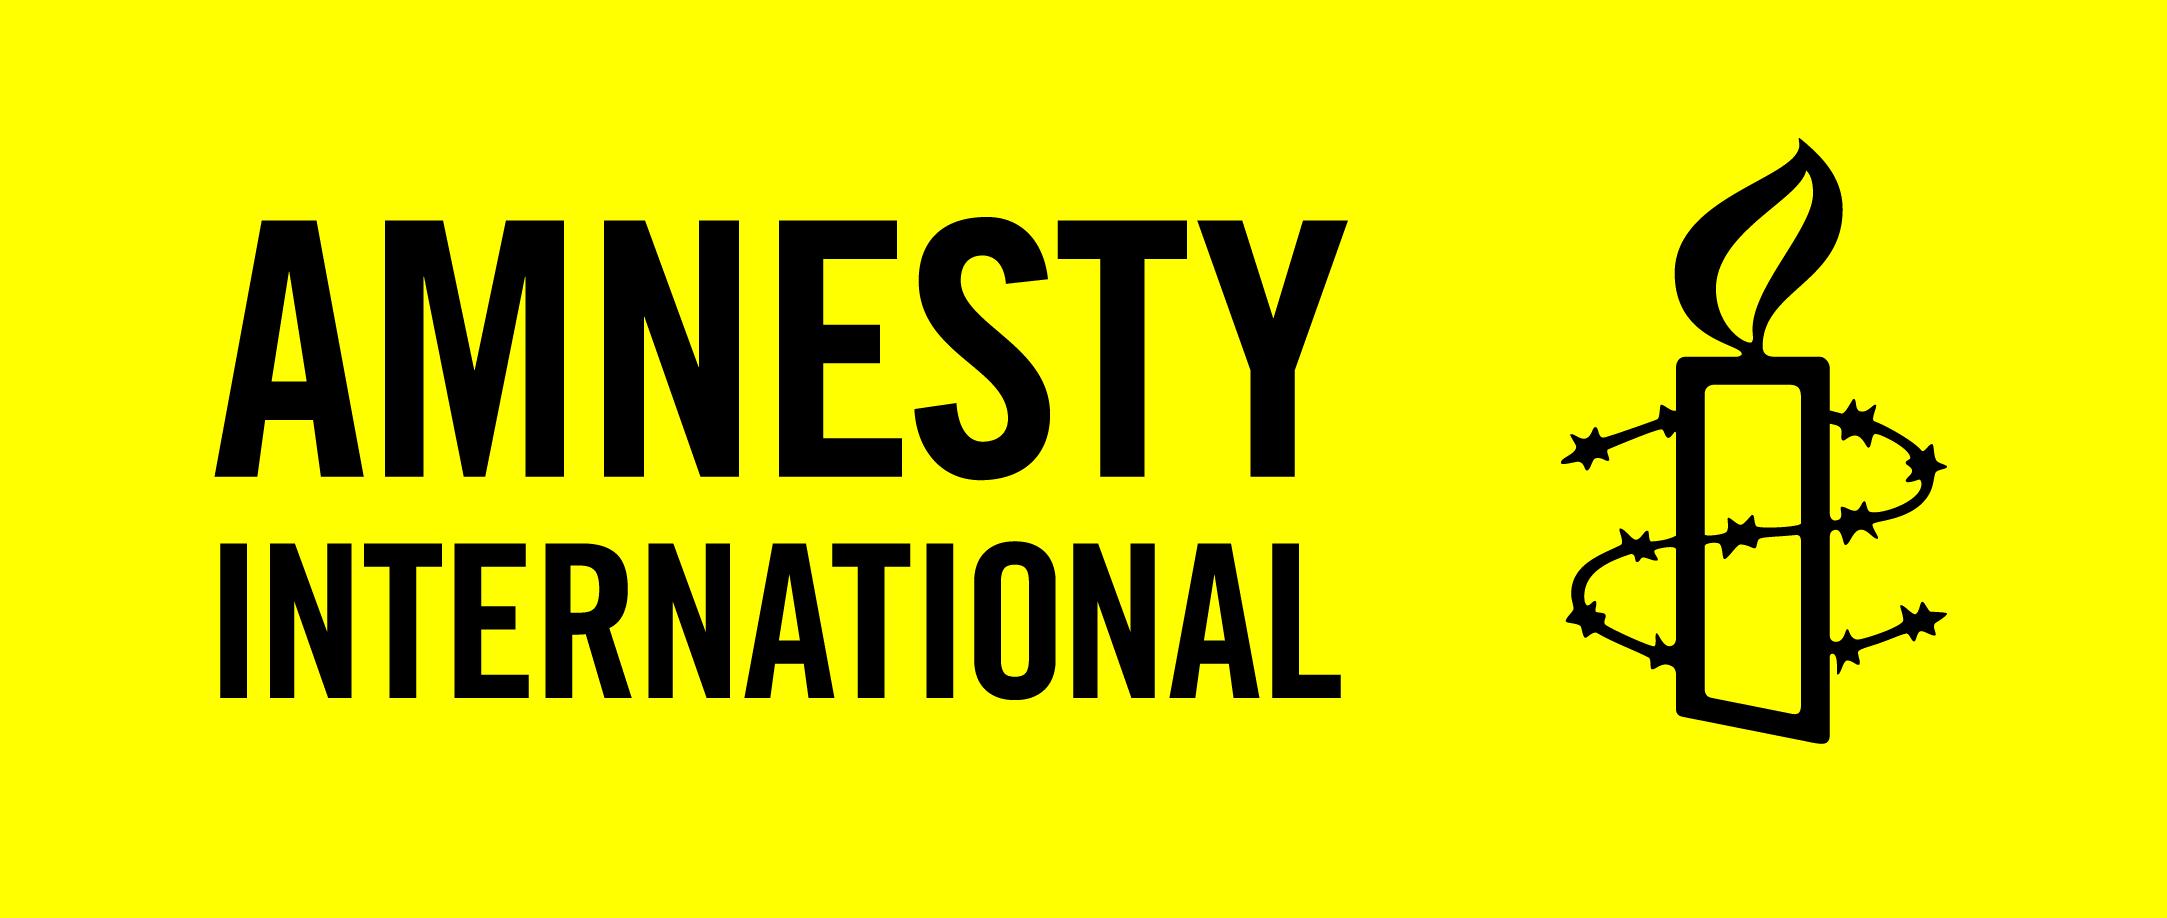 Werkstudent_in Presse (m/w/x) - Amnesty International Deutschland e.V. - Logo